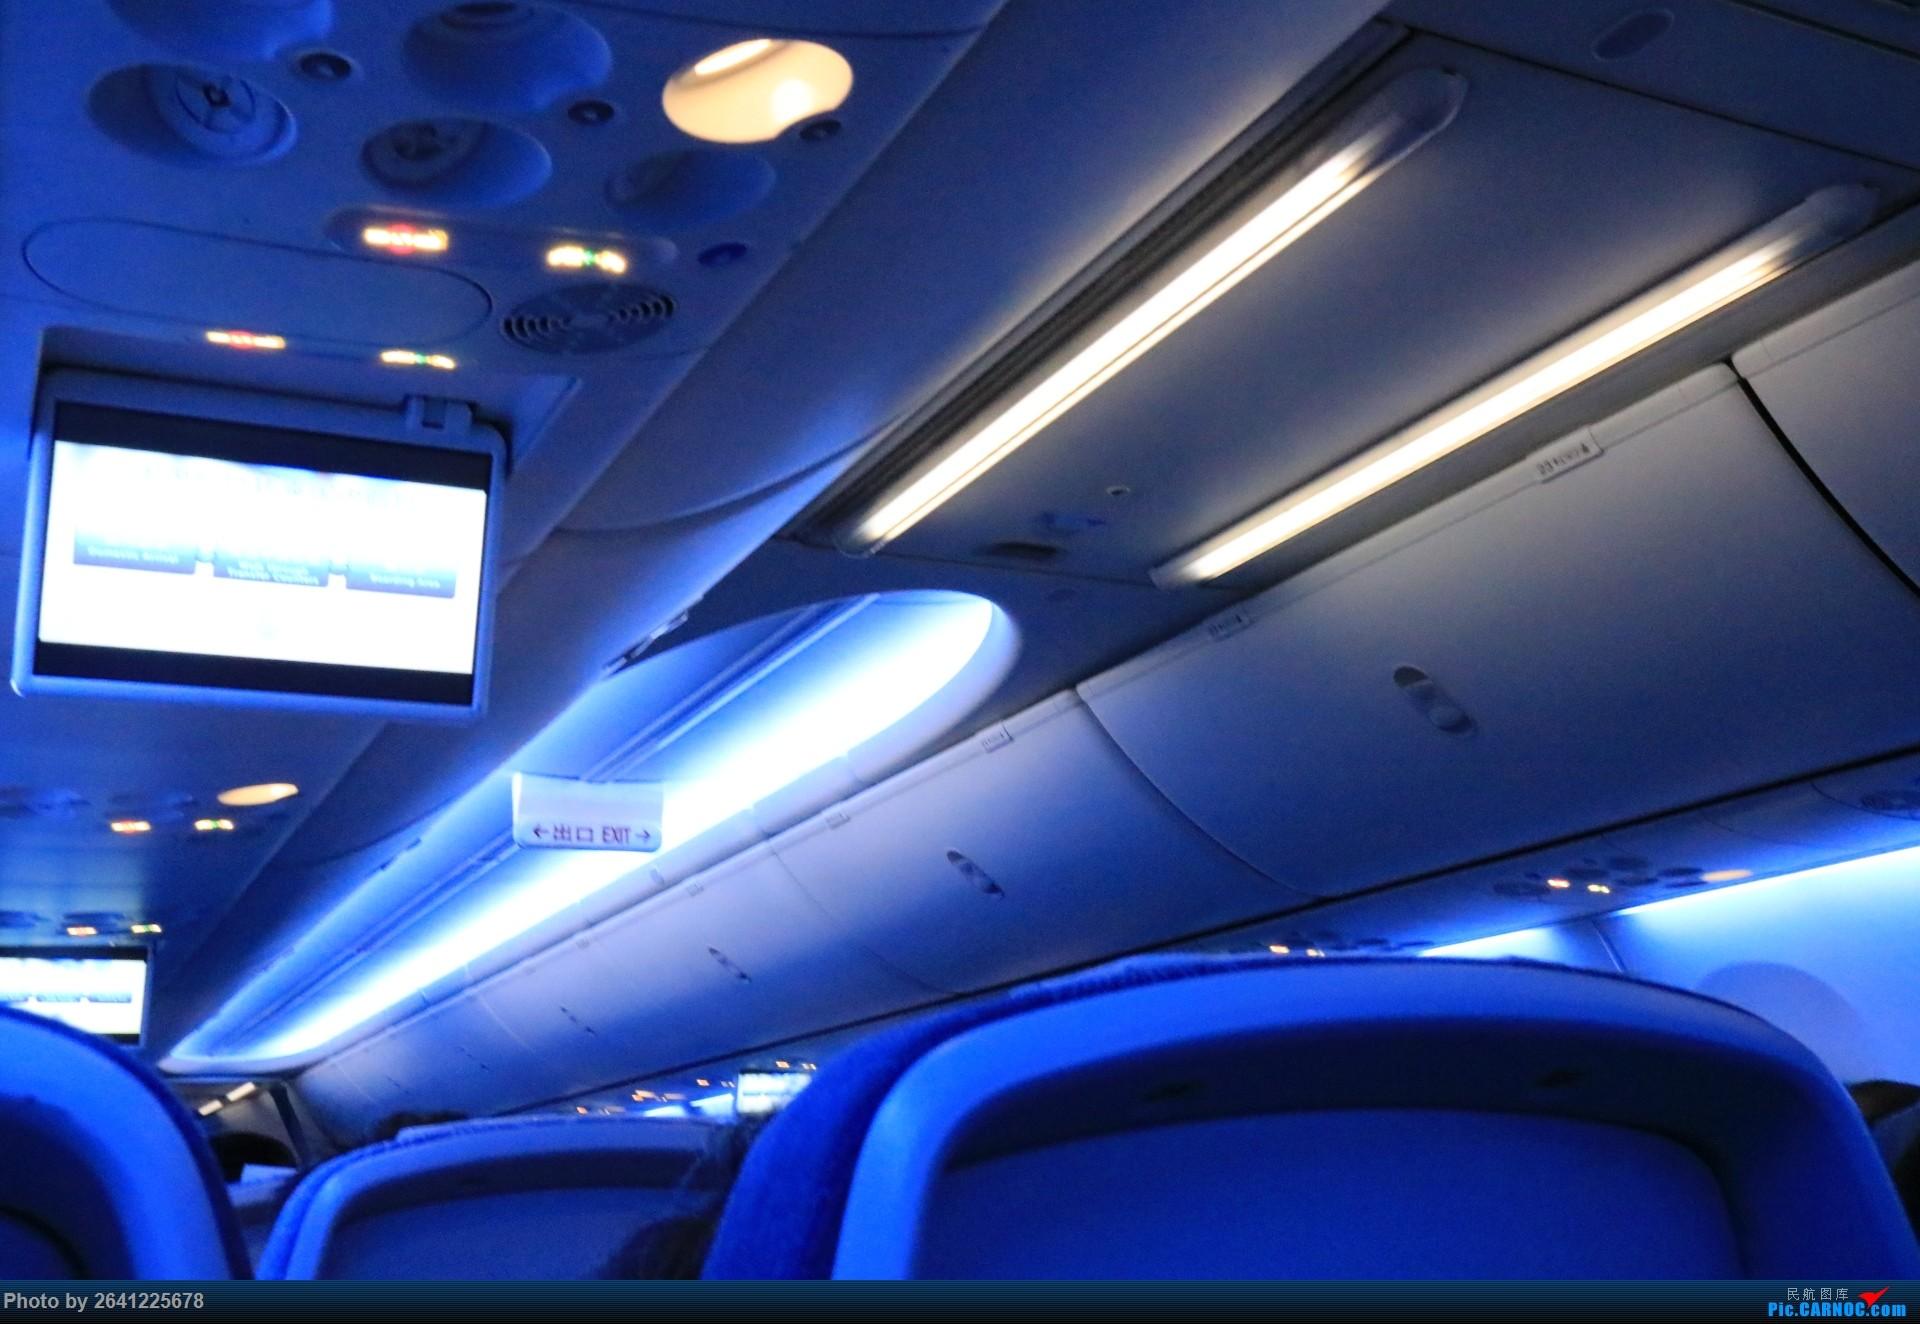 Re:[原创]【小周游记第3集】草原茫茫天地间,洁白的蒙古包散落在河边——内蒙古5天4飞半自由行(宽体与支线客机初体验)有flight log和驾驶舱哦(正在更新) BOEING 737-800 B-1947 中国呼和浩特白塔国际机场